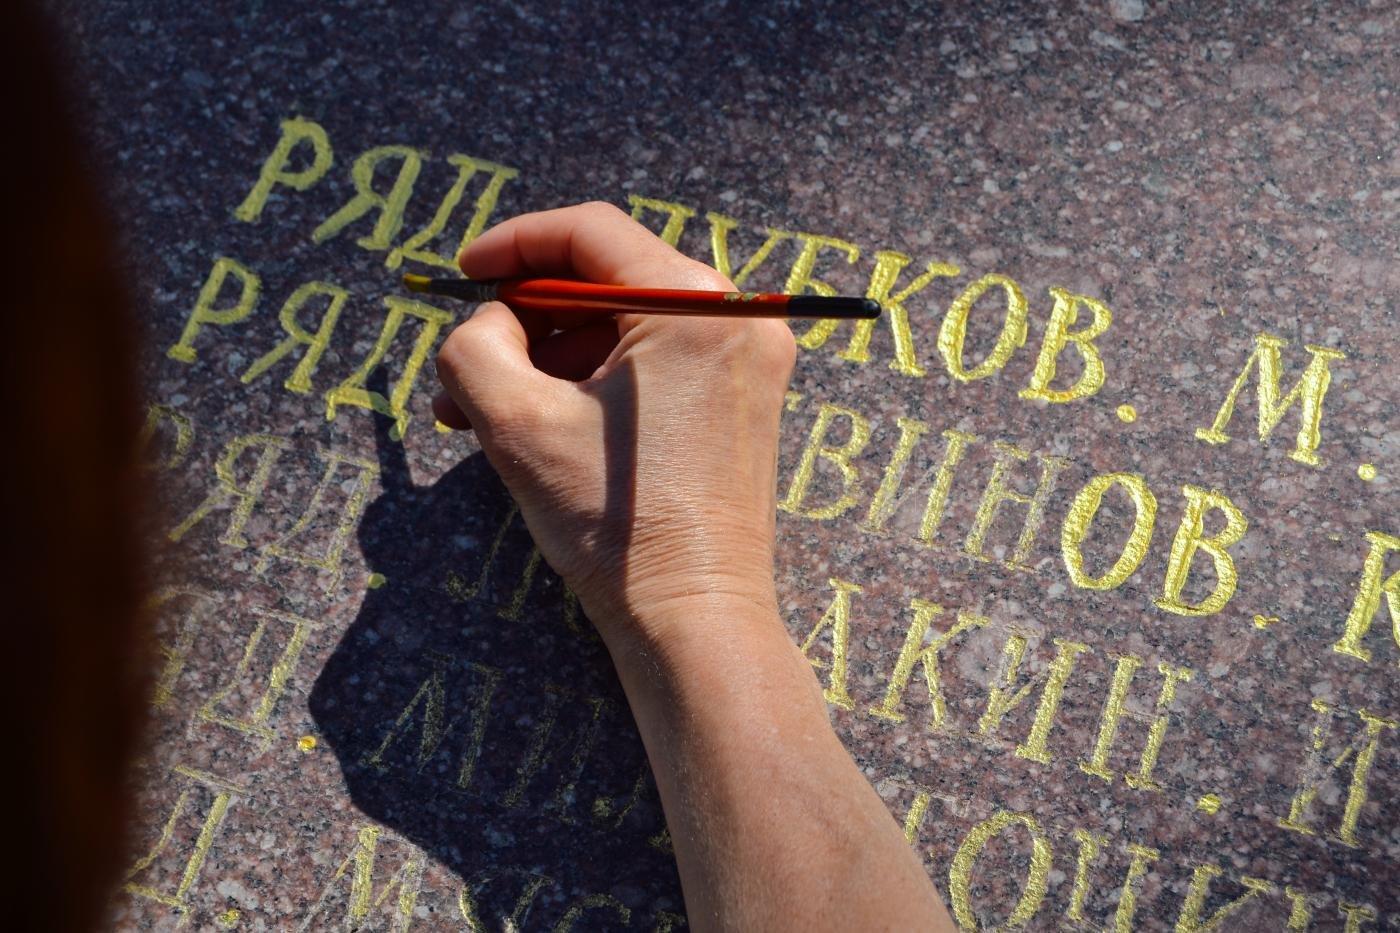 Криворожане собственными силами привели в порядок братскую могилу ВМВ, - ФОТО , фото-9